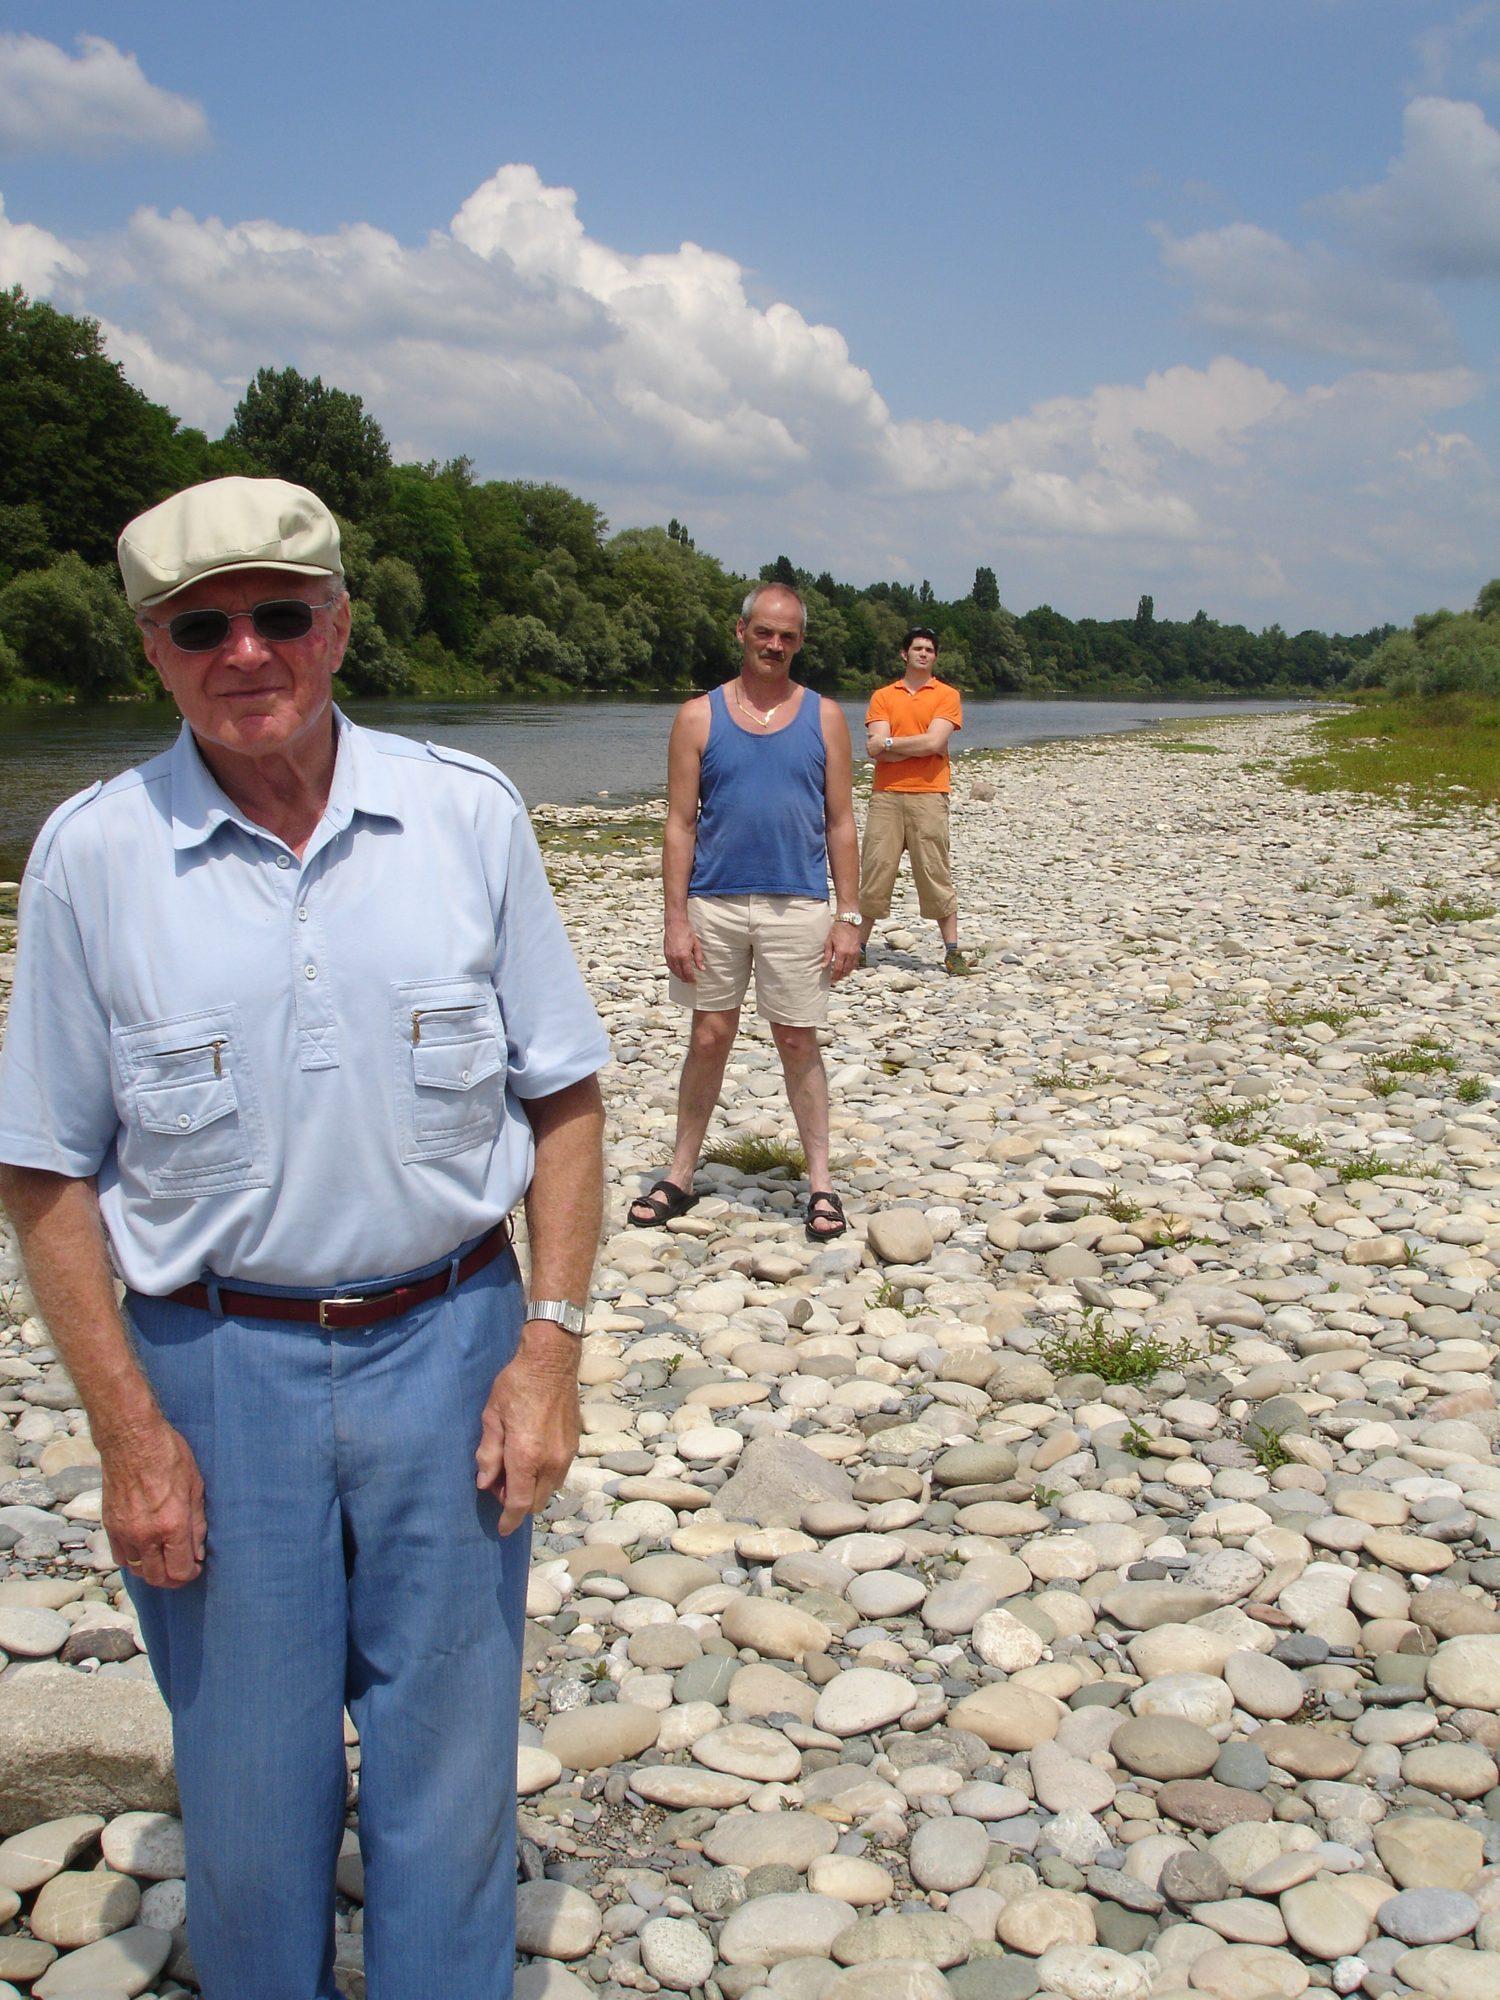 Drei Generationen im Sommer 2005 am Rhein. Opi, Vater und Thilo.